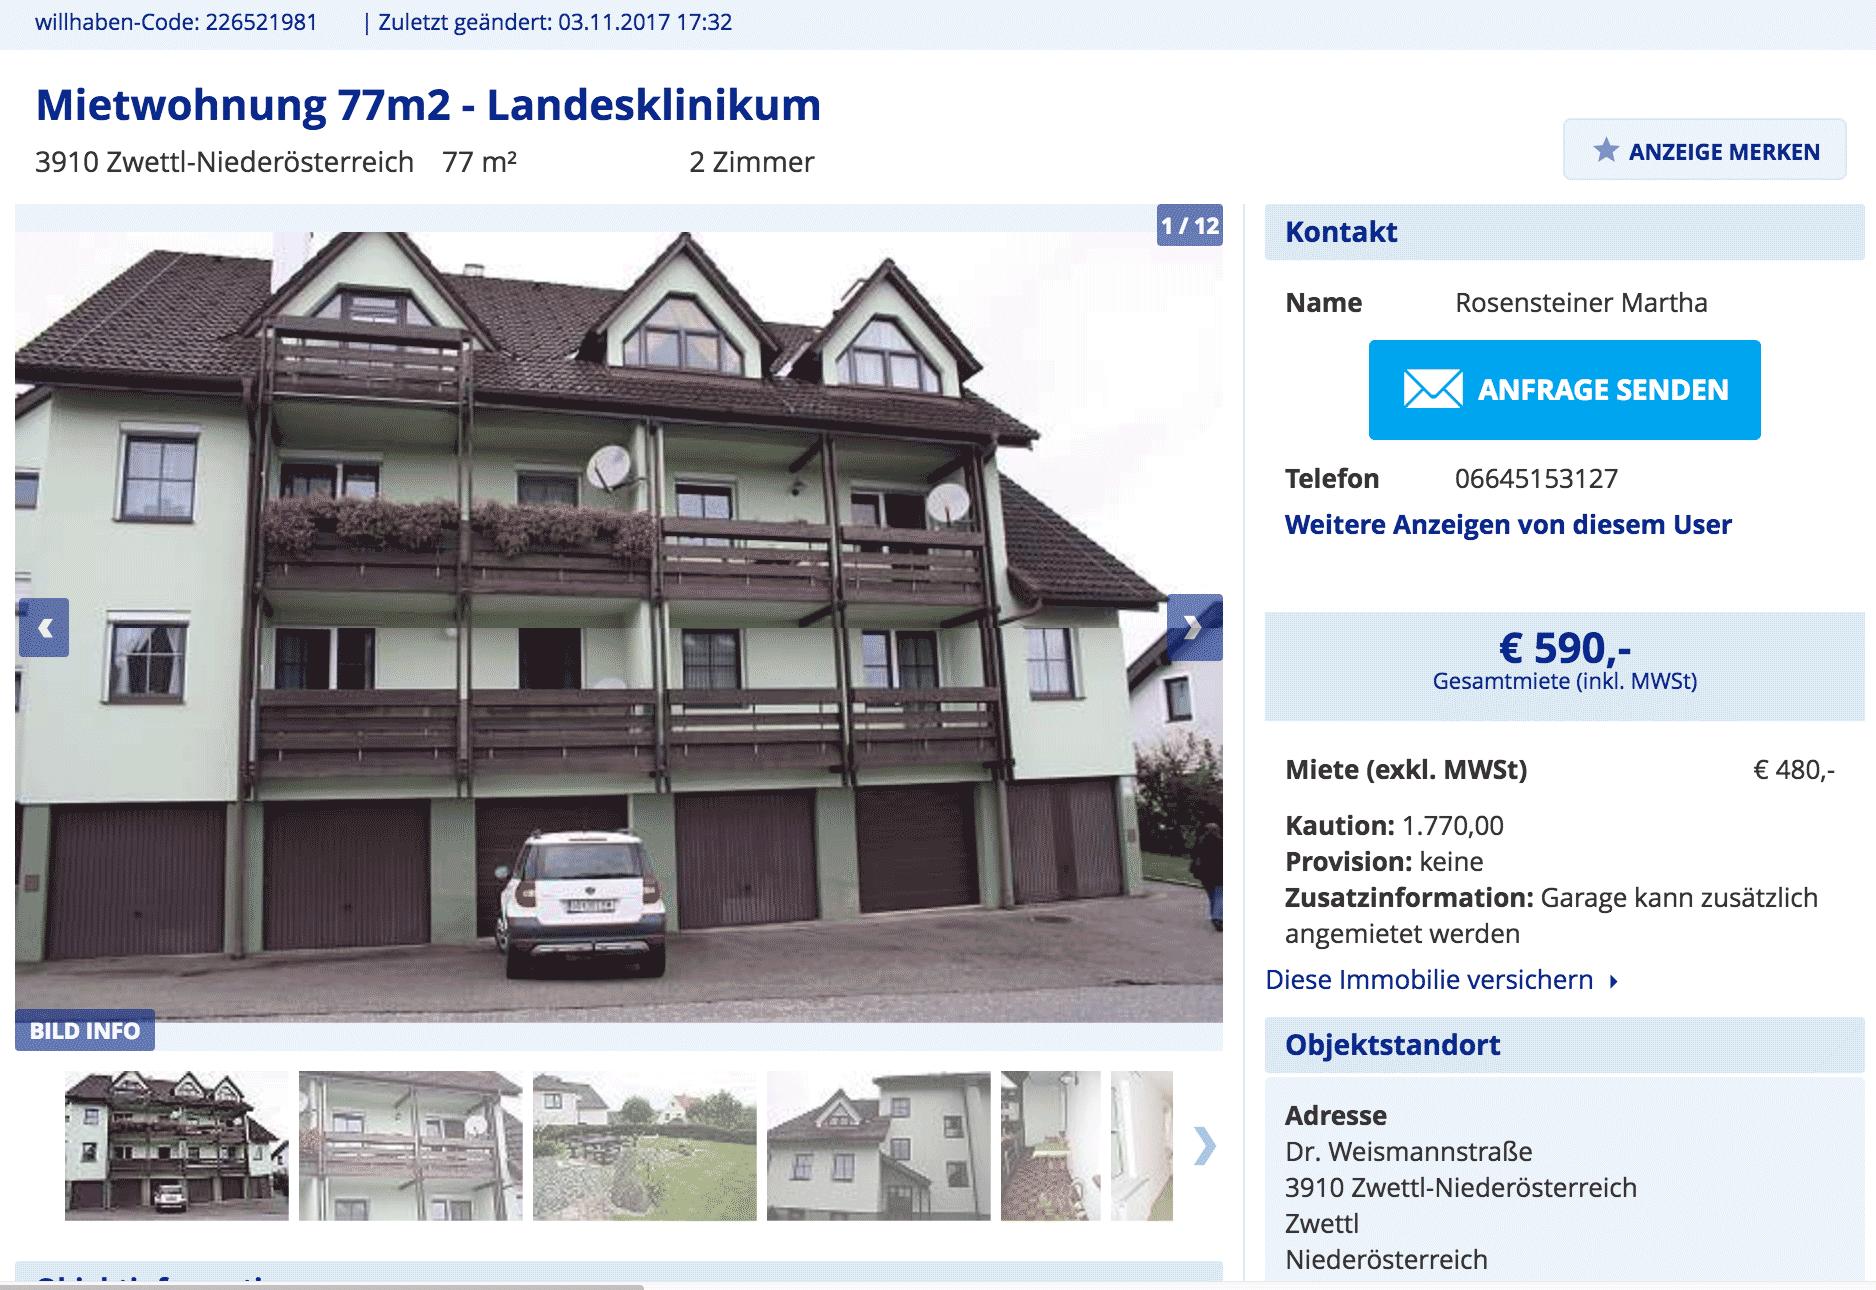 590€ в месяц стоит {аренда двухкомнатной квартиры}(https://www.willhaben.at/iad/immobilien/mietwohnungen/niederoesterreich/zwettl/mietwohnung-77m2-landesklinikum-226521981/) в многоквартирном доме